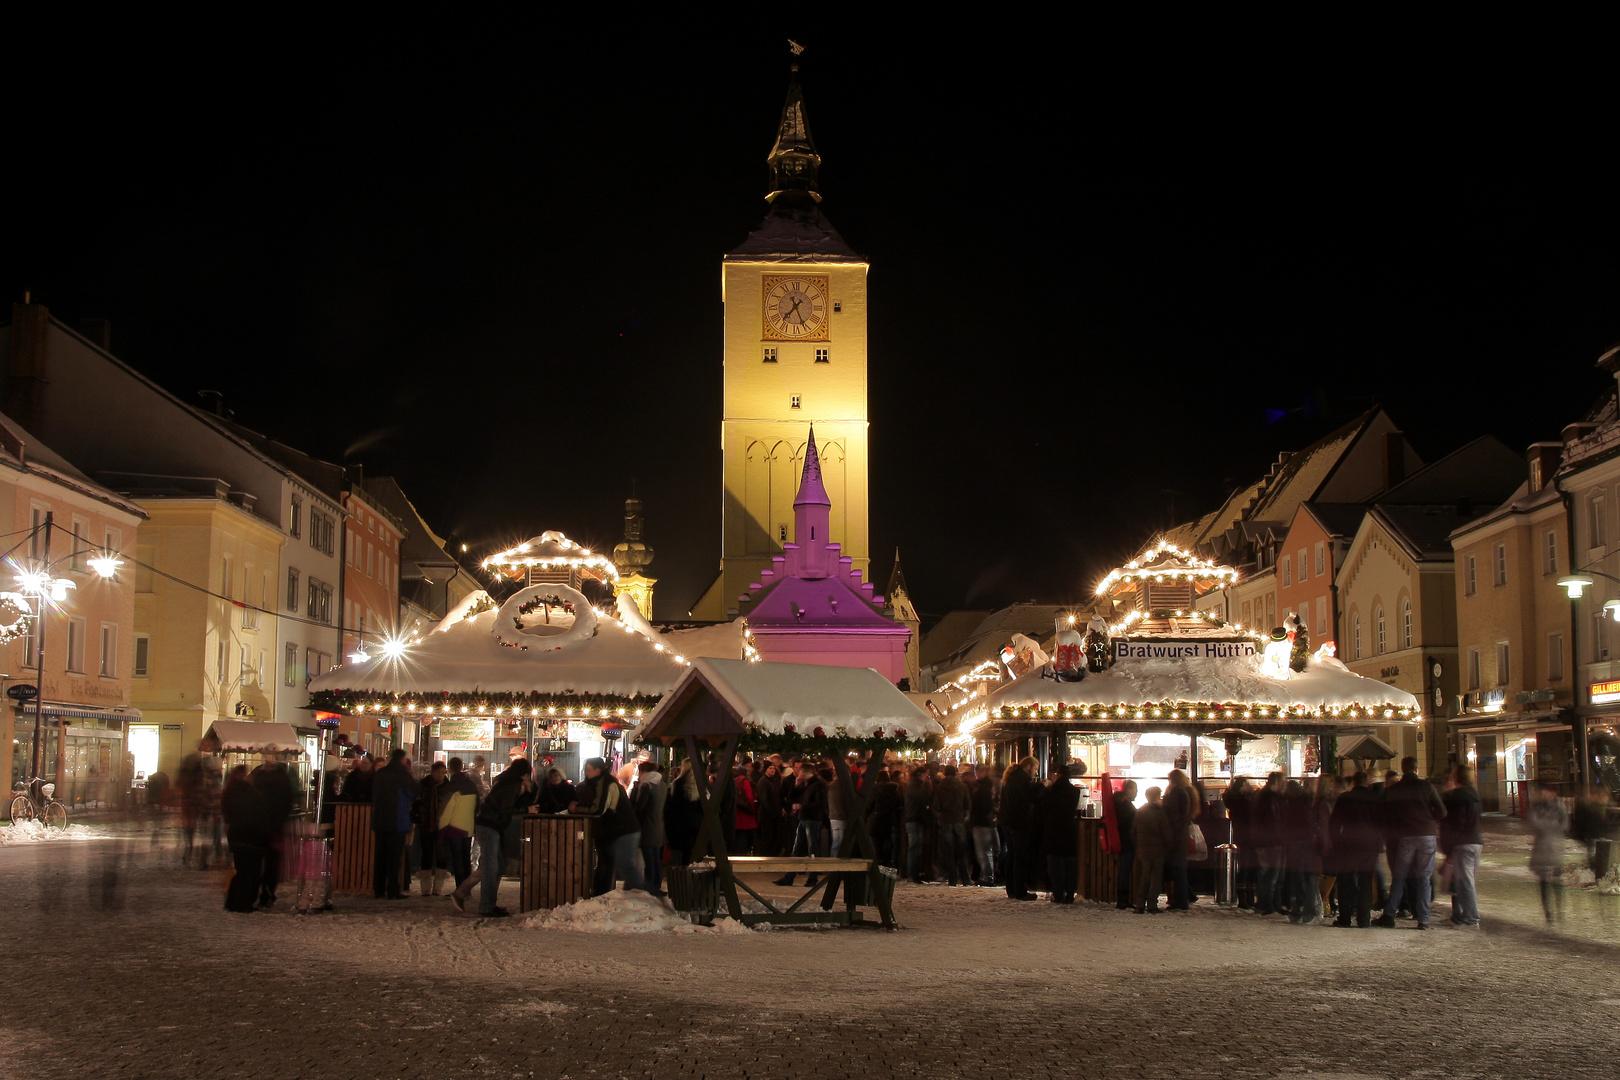 Weihnachten in Deggendorf